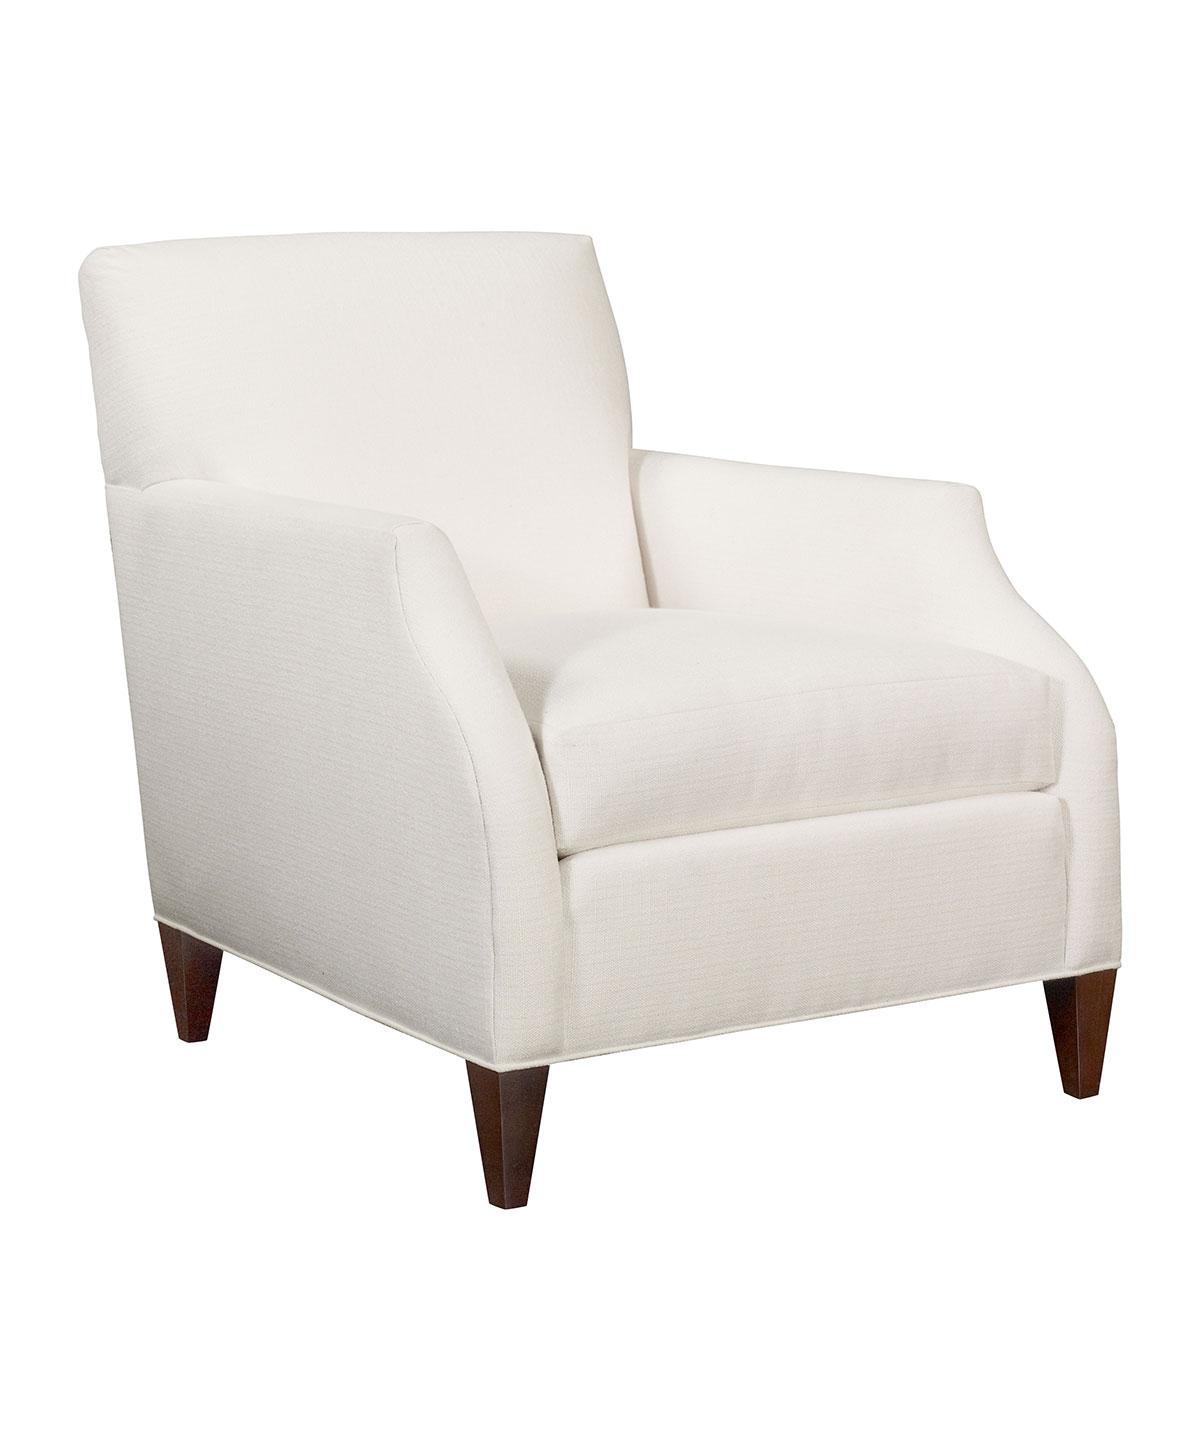 Lorens Chair